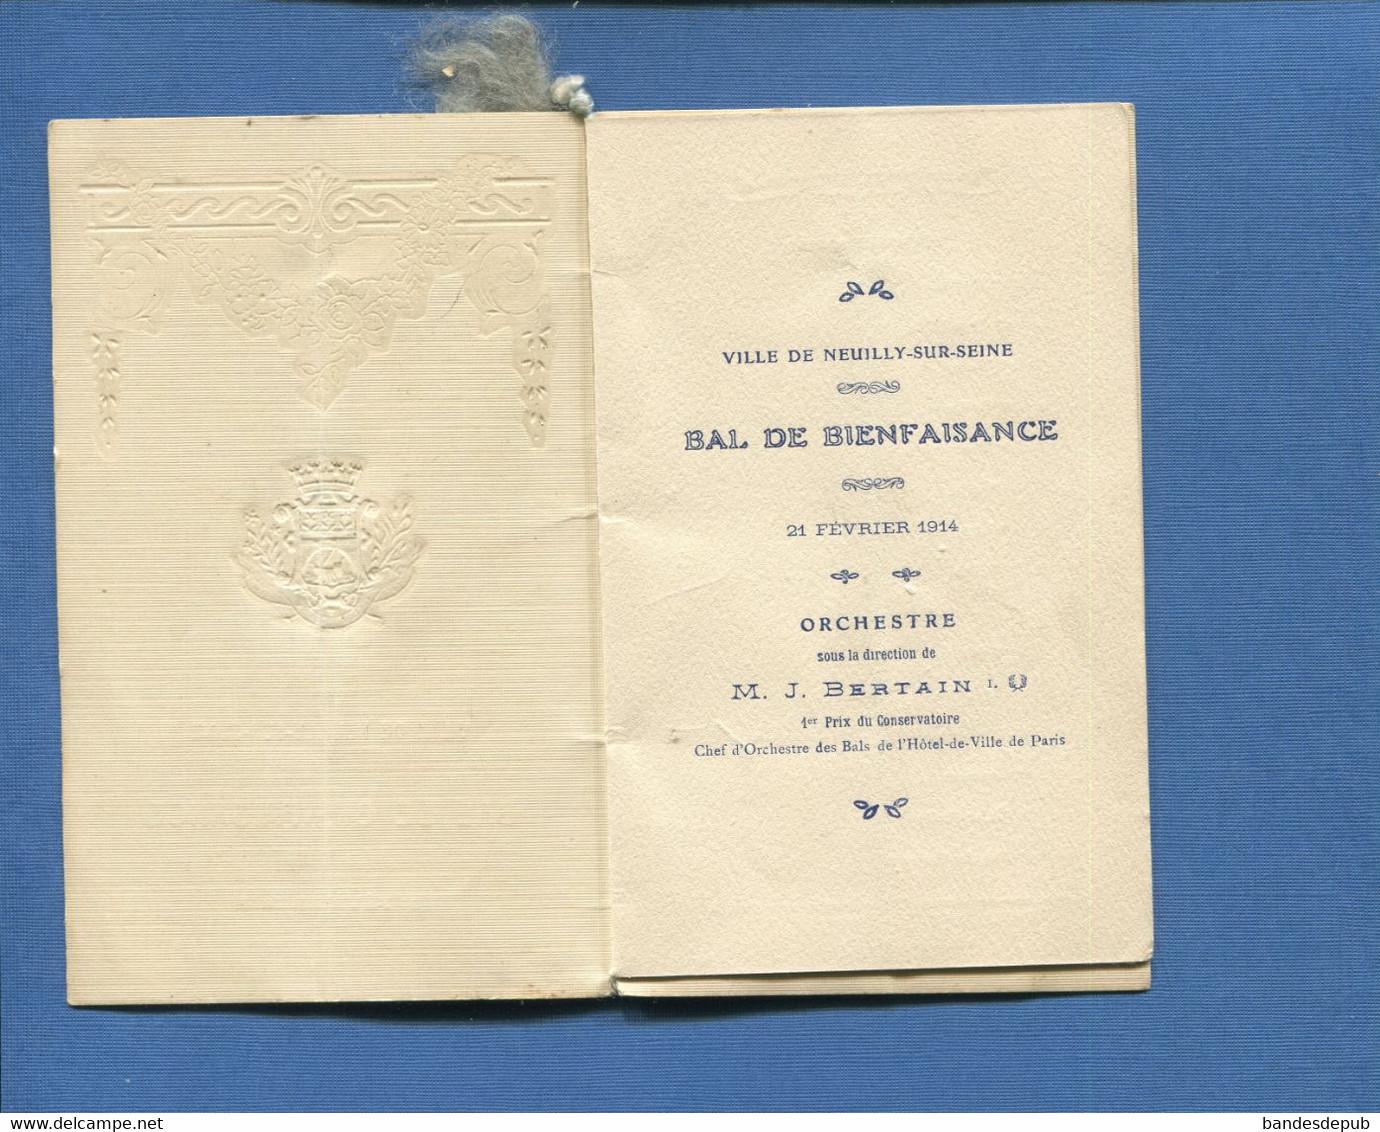 Département 92 Neuilly-sur-Seine Carnet De Bal De Bienfaisance 1914 Orchestre Bertain - Visiting Cards